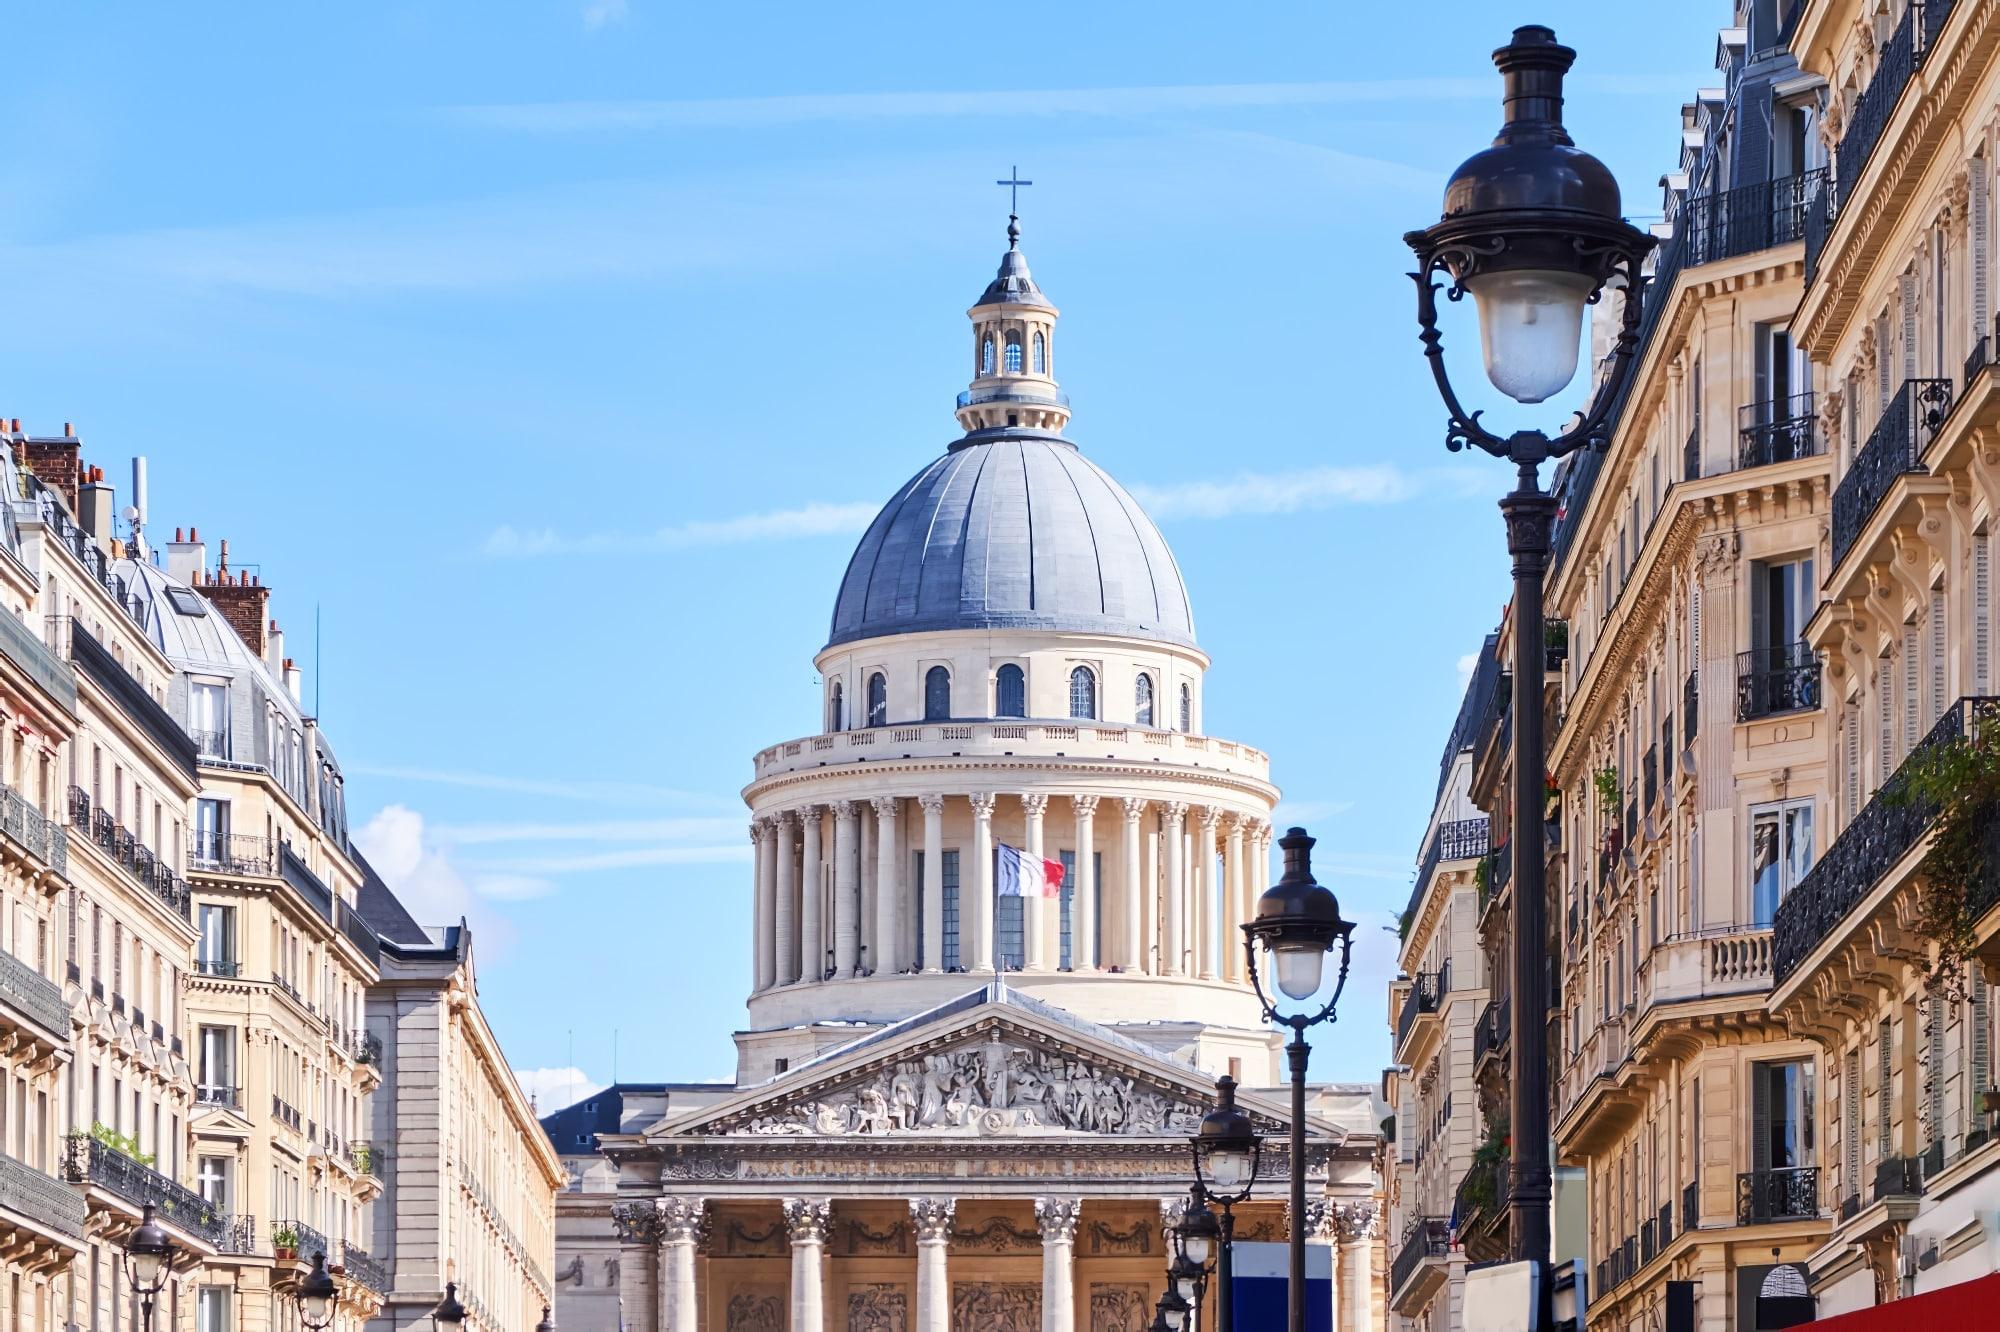 visiter-pantheon-paris.jpg